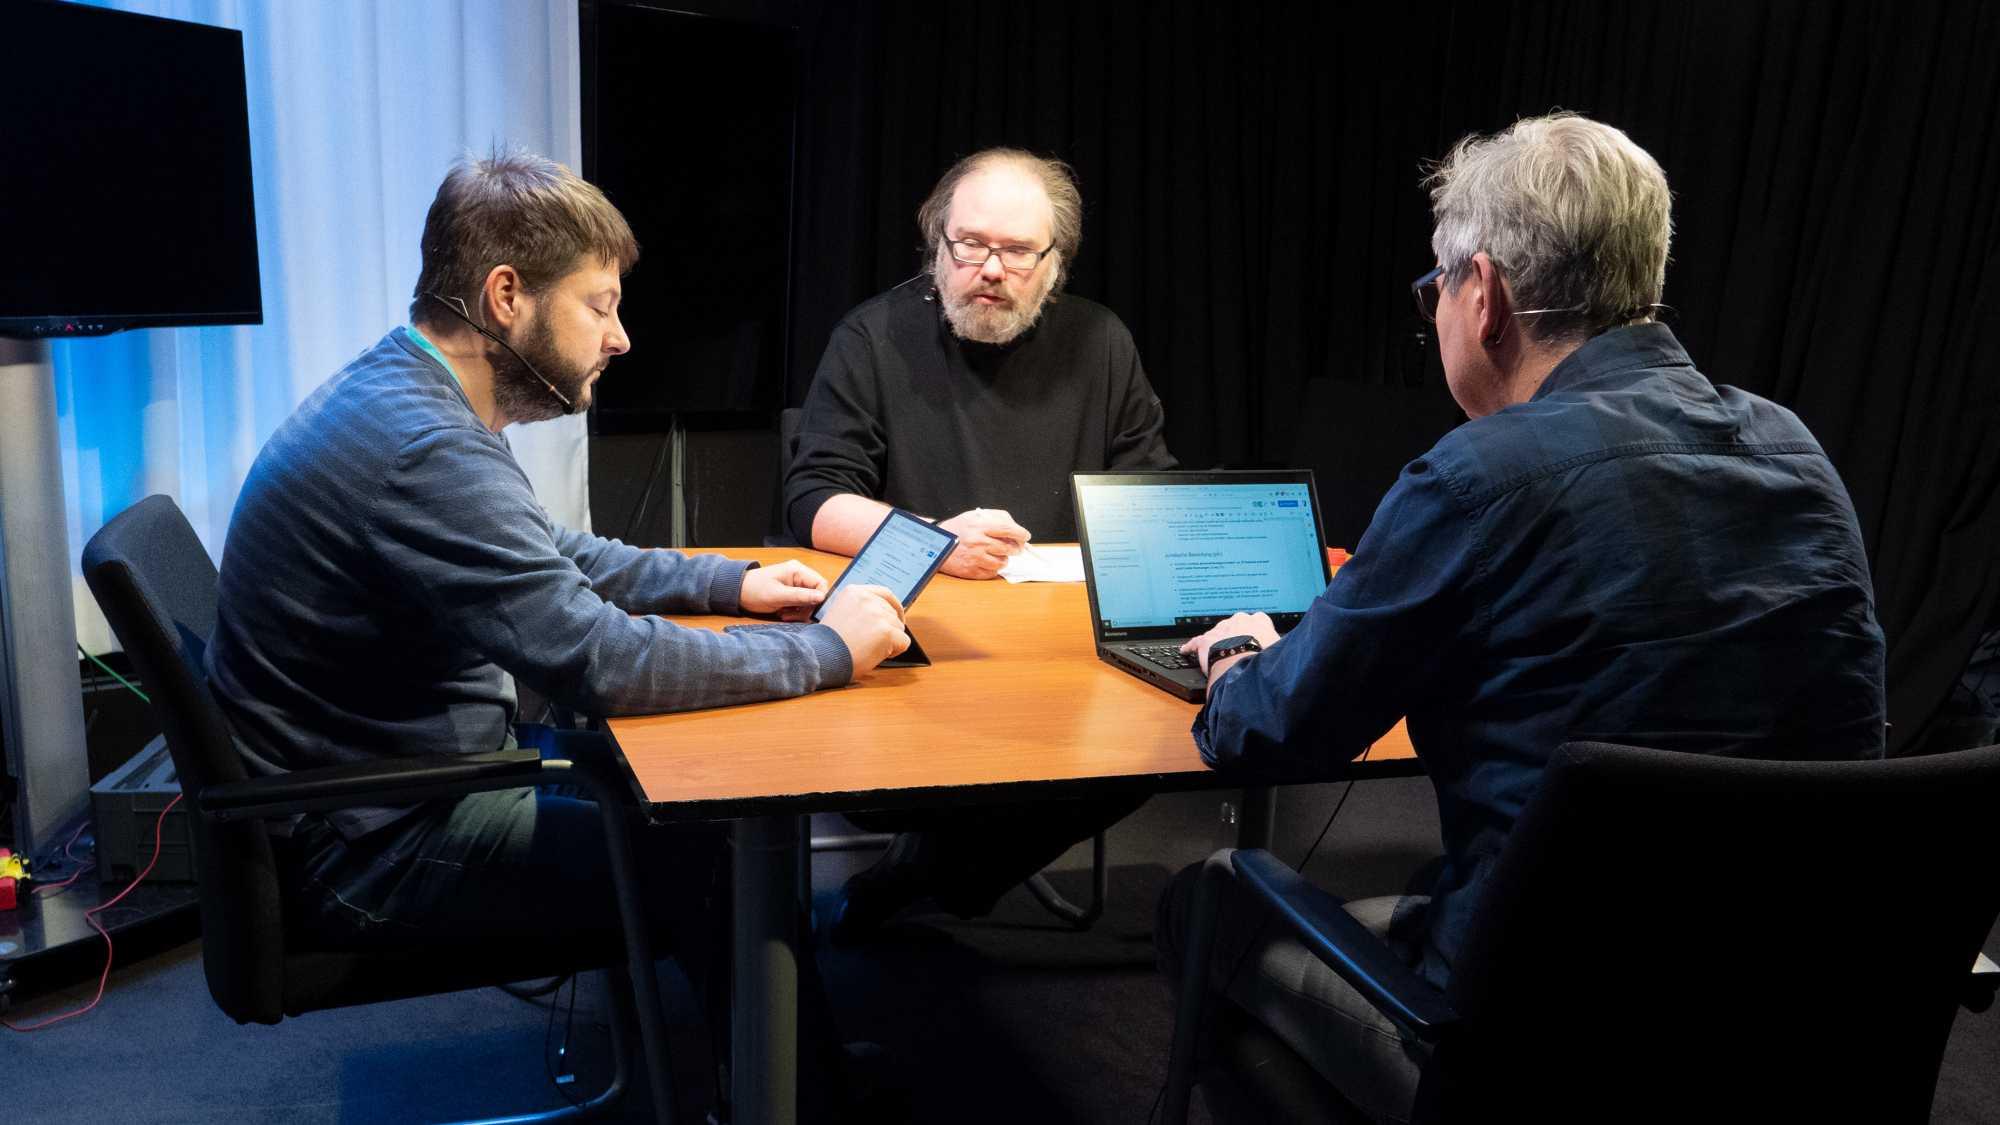 Auslegungssache 5: Sebastian, Joerg, Holger